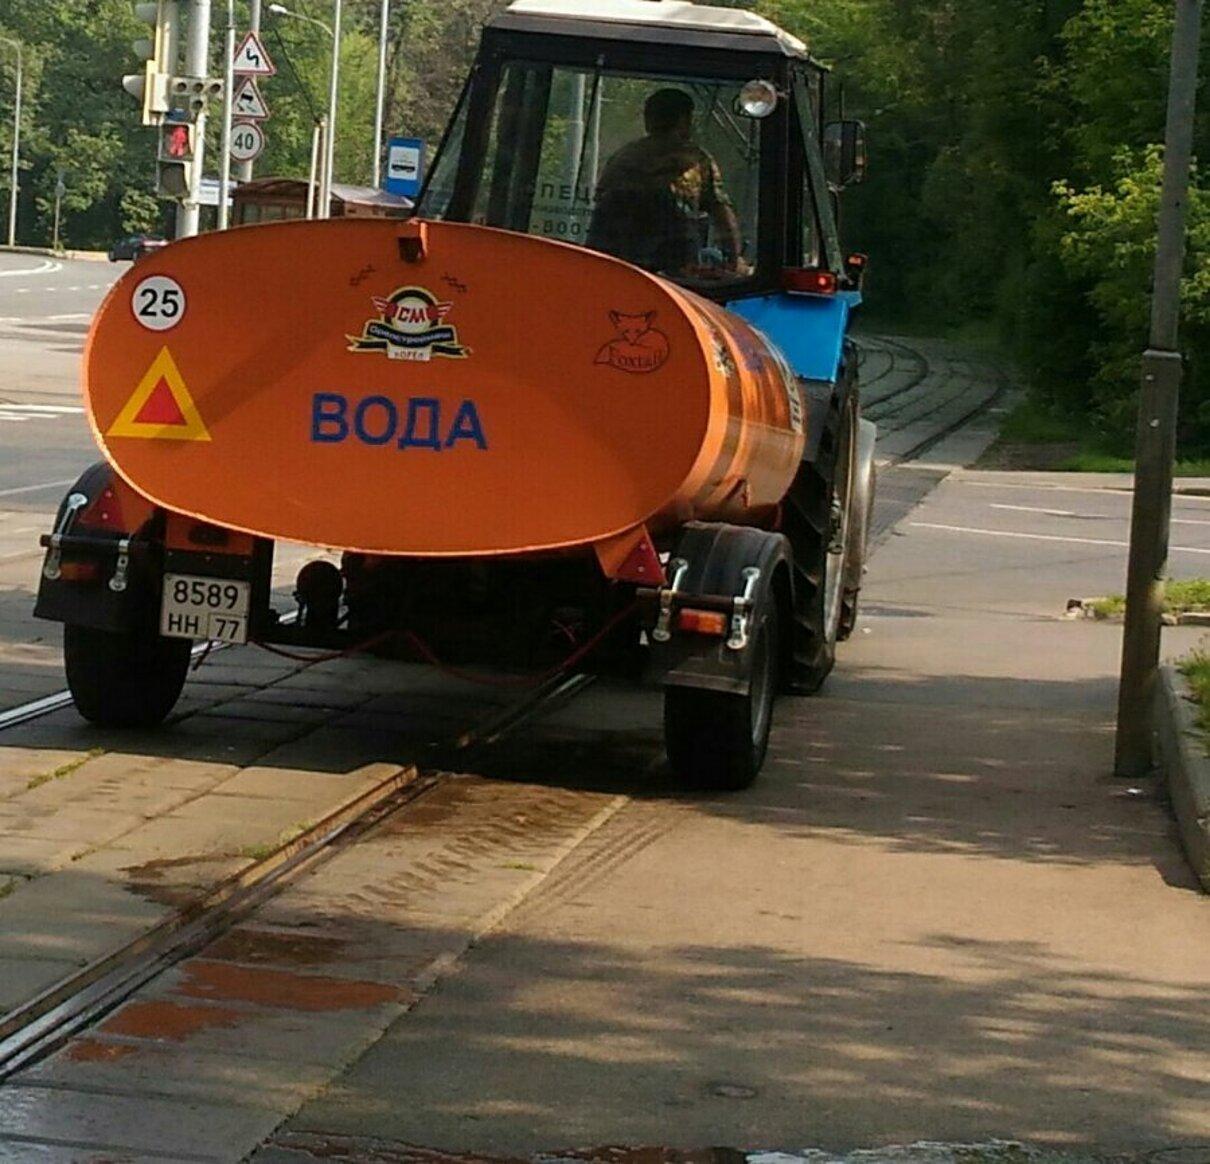 Жалоба-отзыв: Водитель поливальной машины - Водитель поливальной машины облил пешехода.  Фото №2